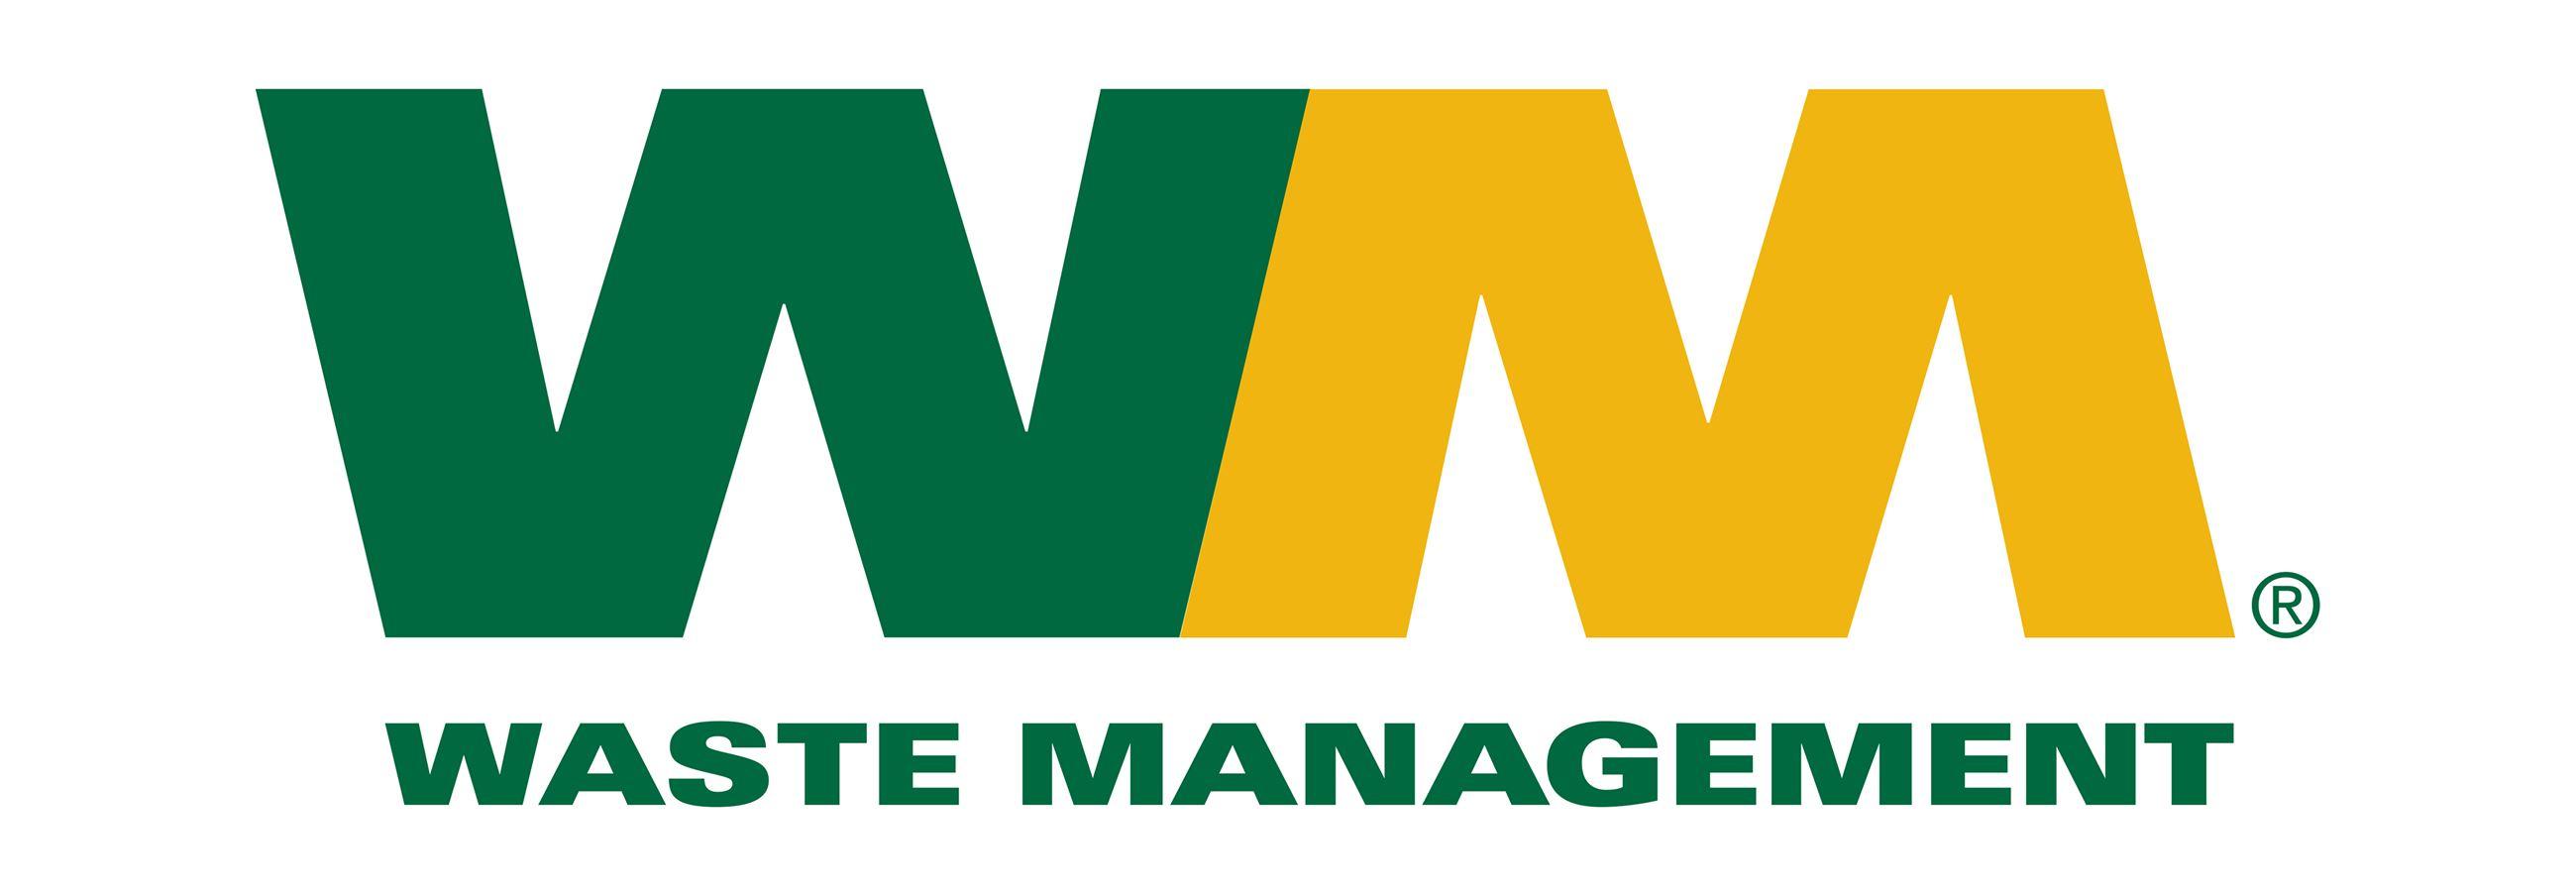 WM Color Logo